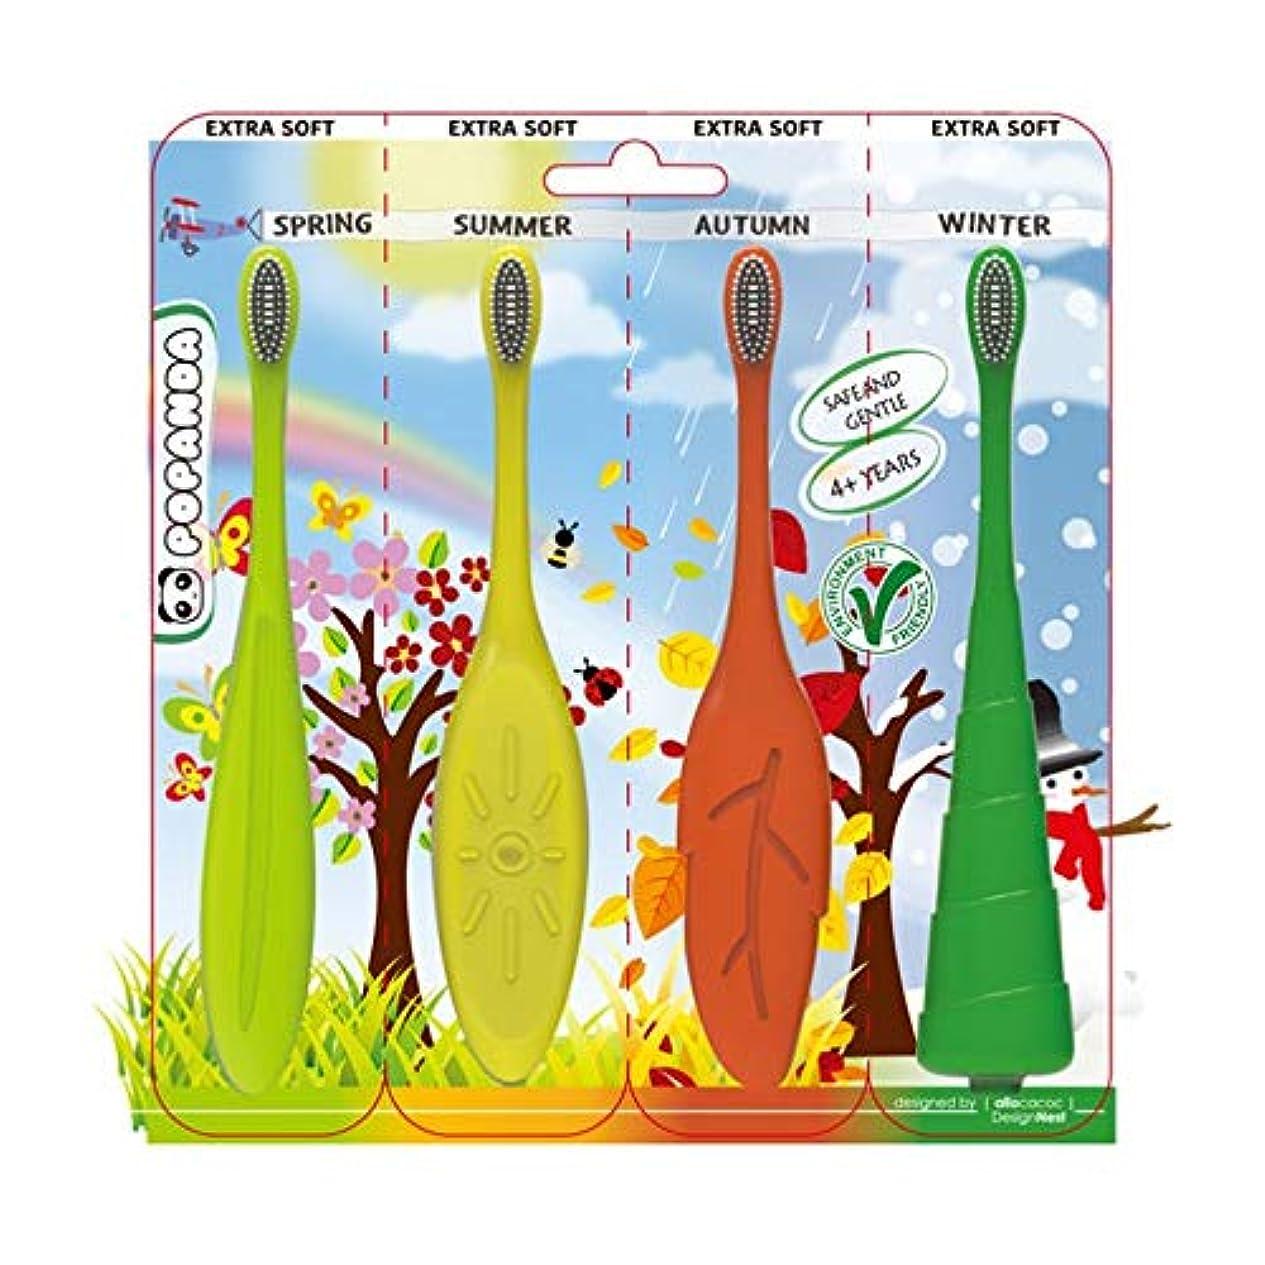 物理シャベルノーブル(4個) Baby 幼児 四季 シリコン歯ブラシ Set Baby Kid's Gift Seasonal Silicone Toothbrush 並行輸入